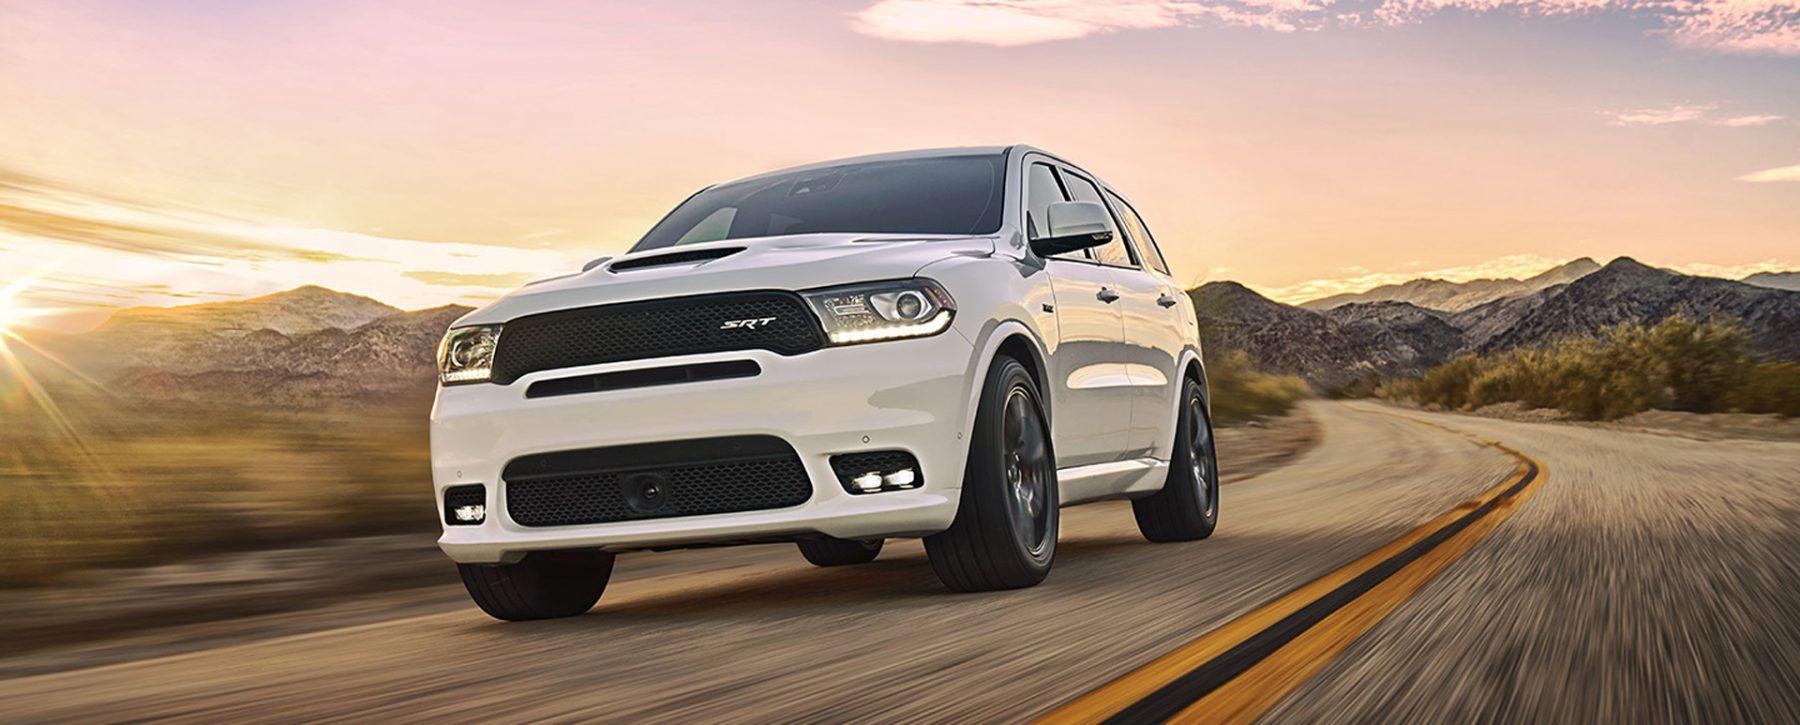 White Dodge Durango SRT runs on the road